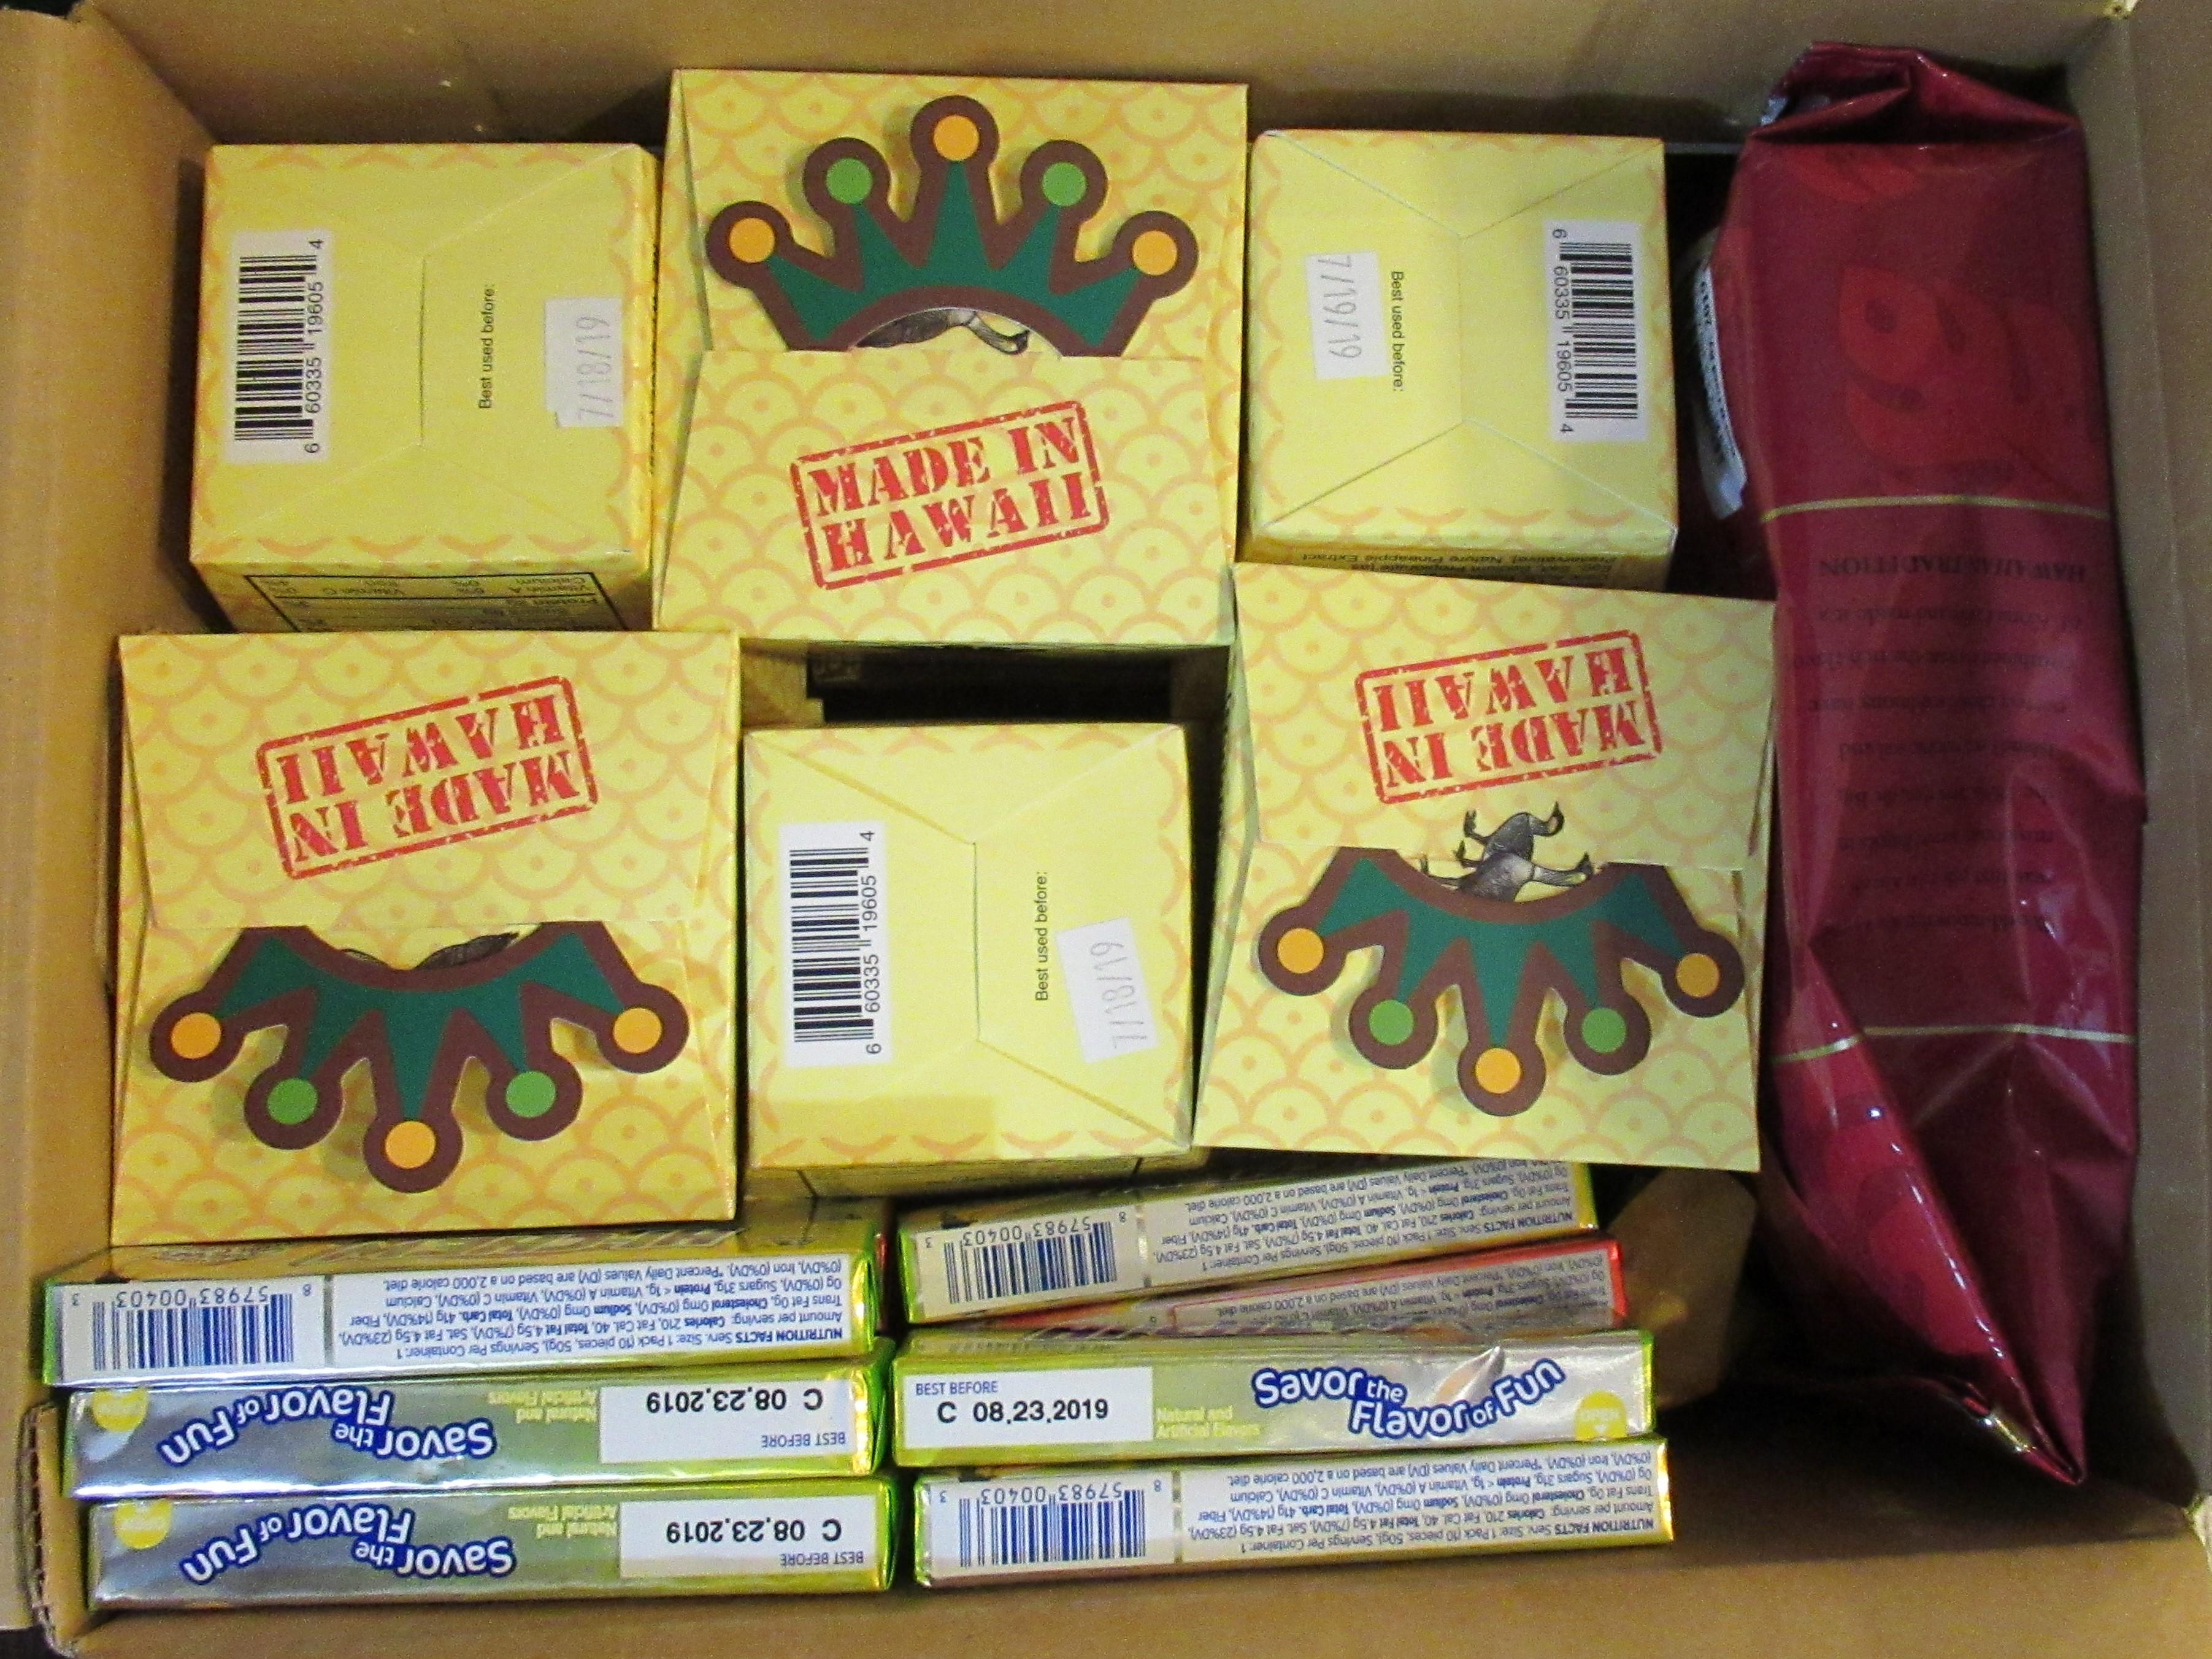 ハワイ旅行の帰国時にオススメな荷造りの梱包方法と準備|ハワイ旅ブログ